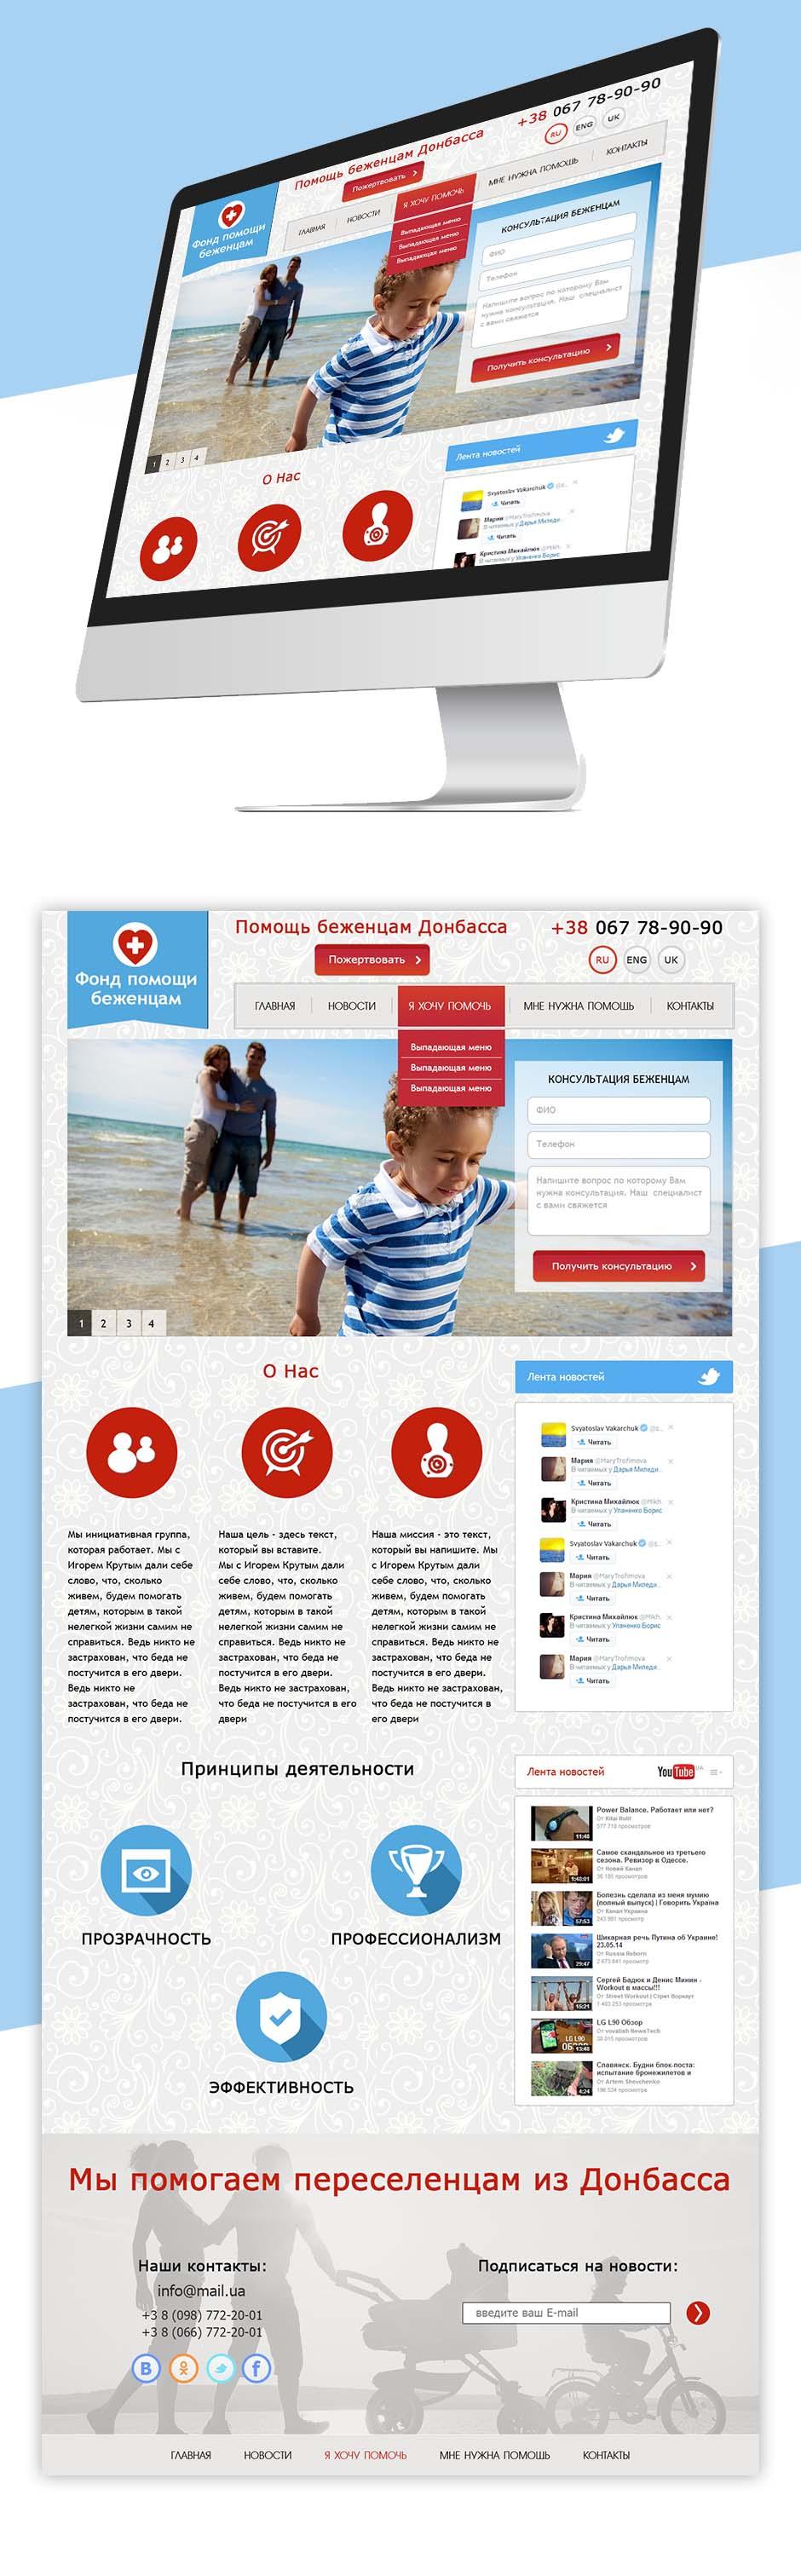 Сайт для фонда помощи беженцам Донбасса